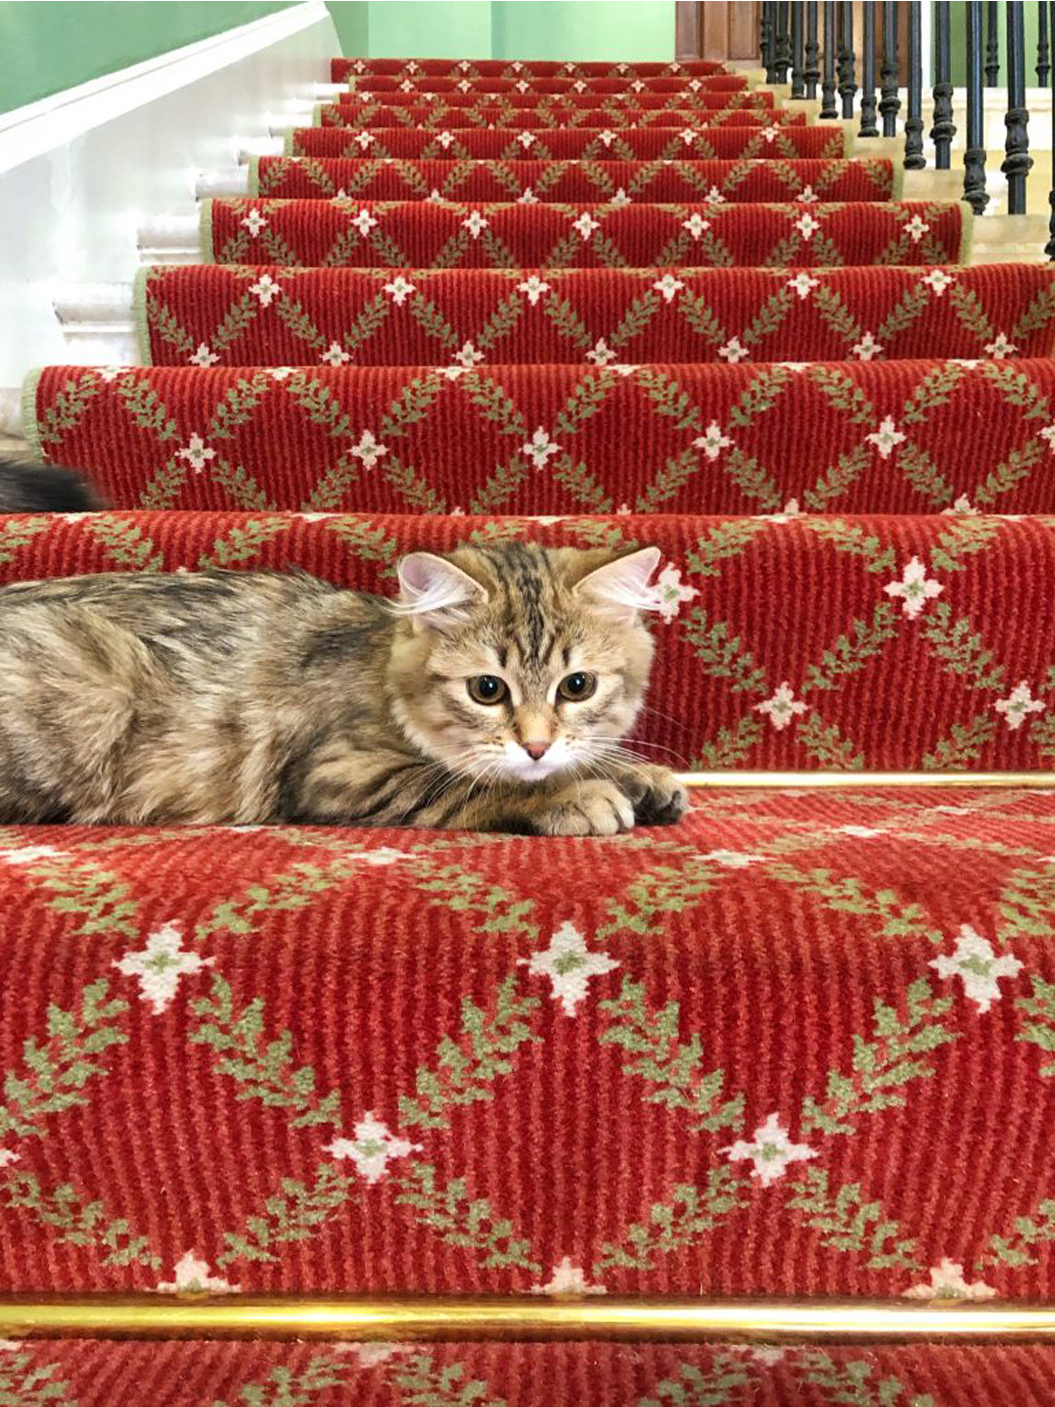 La storia del gatto Lilibet